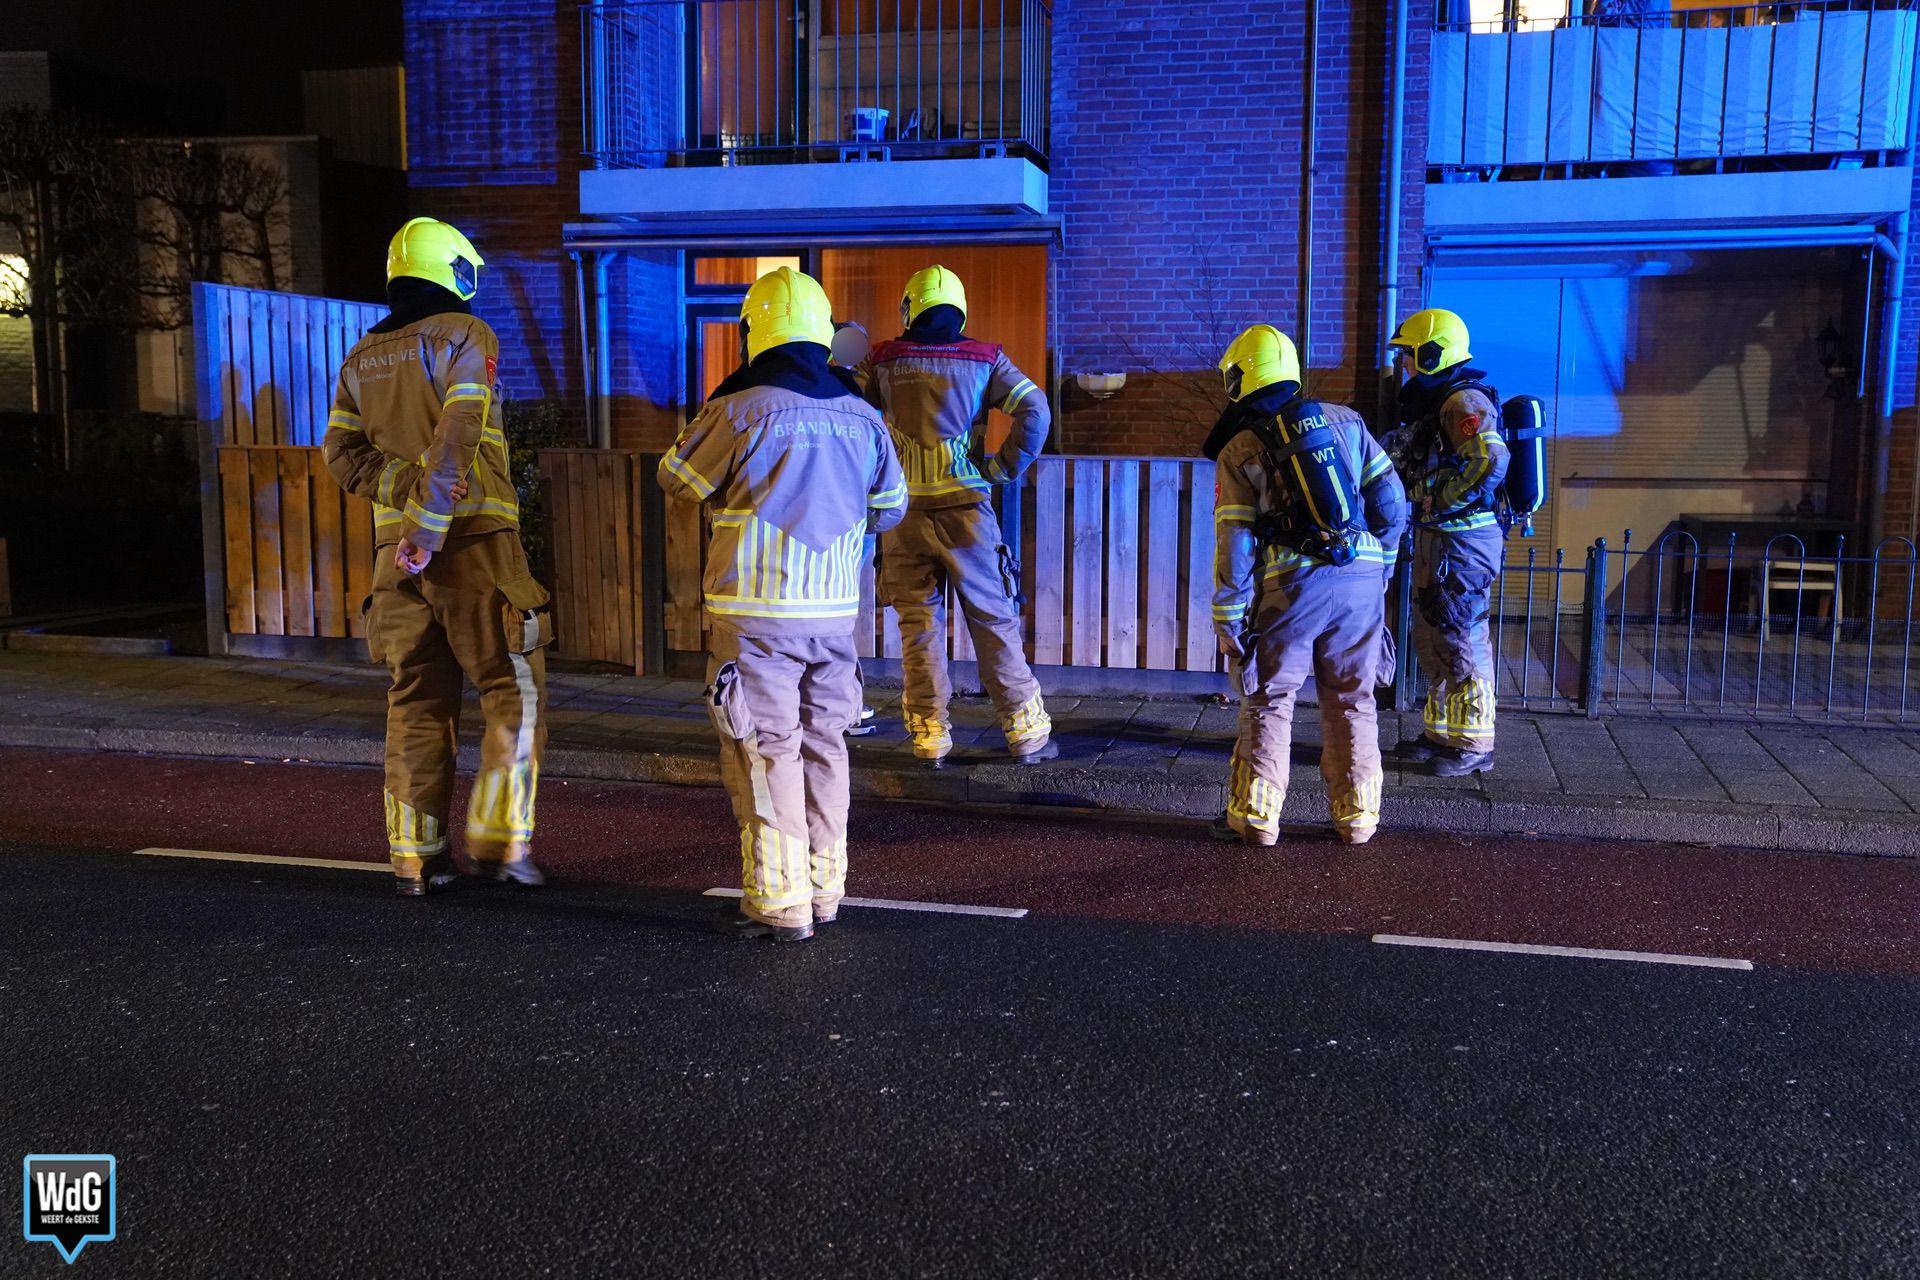 Brandweer doet onderzoek naar gaslucht omgeving Parallelweg